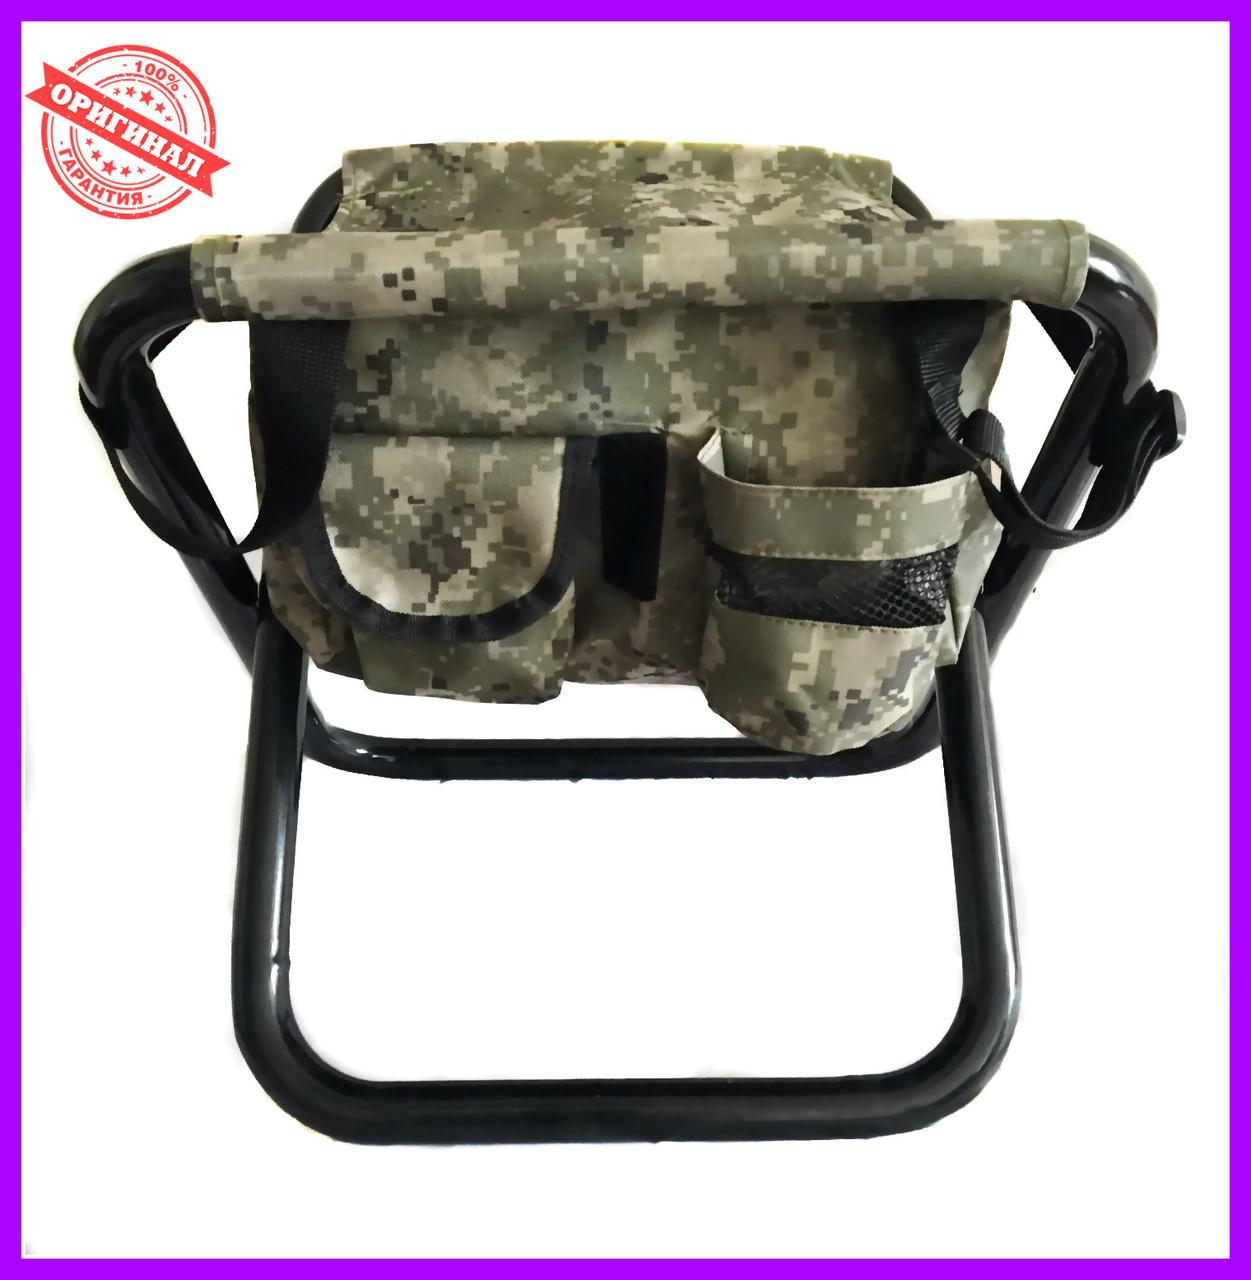 Стул раскладной с сумкой NeRest NR-25 S камуфляж